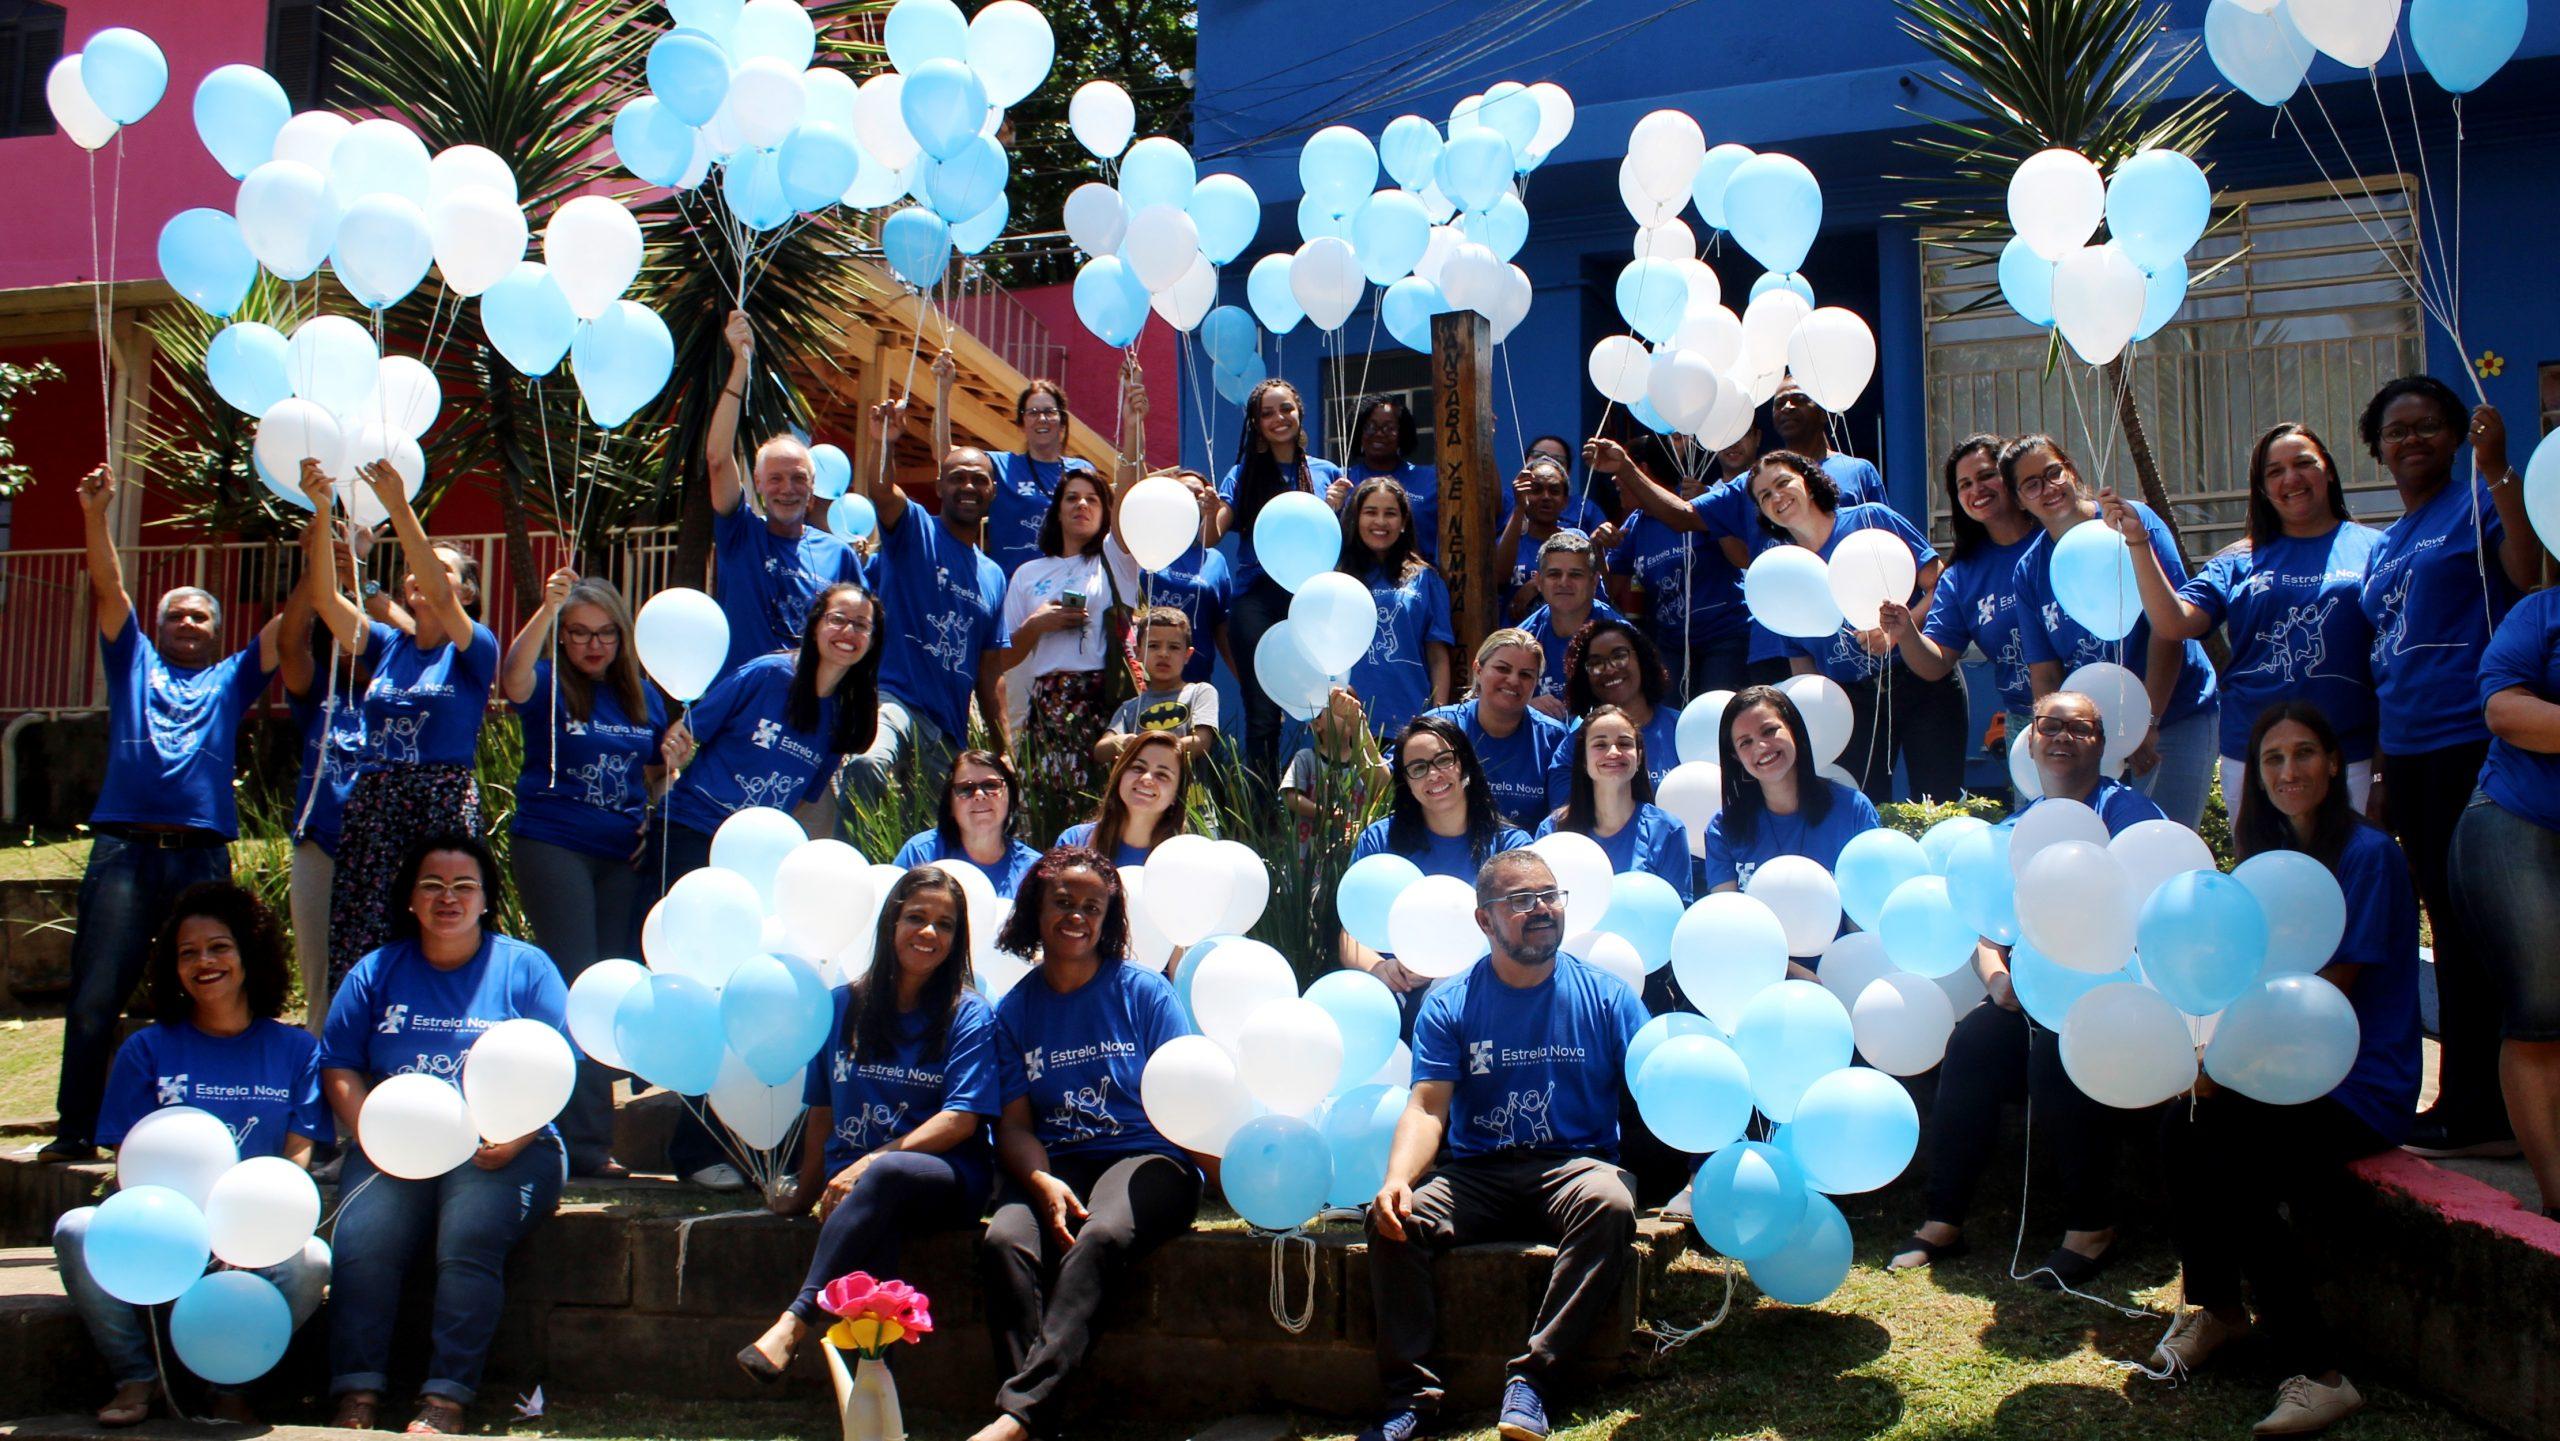 Imagem de colaboradores do Estrela Nova reunidos, todos com camiseta azul e segurando bexigas nas cores azul e branca.